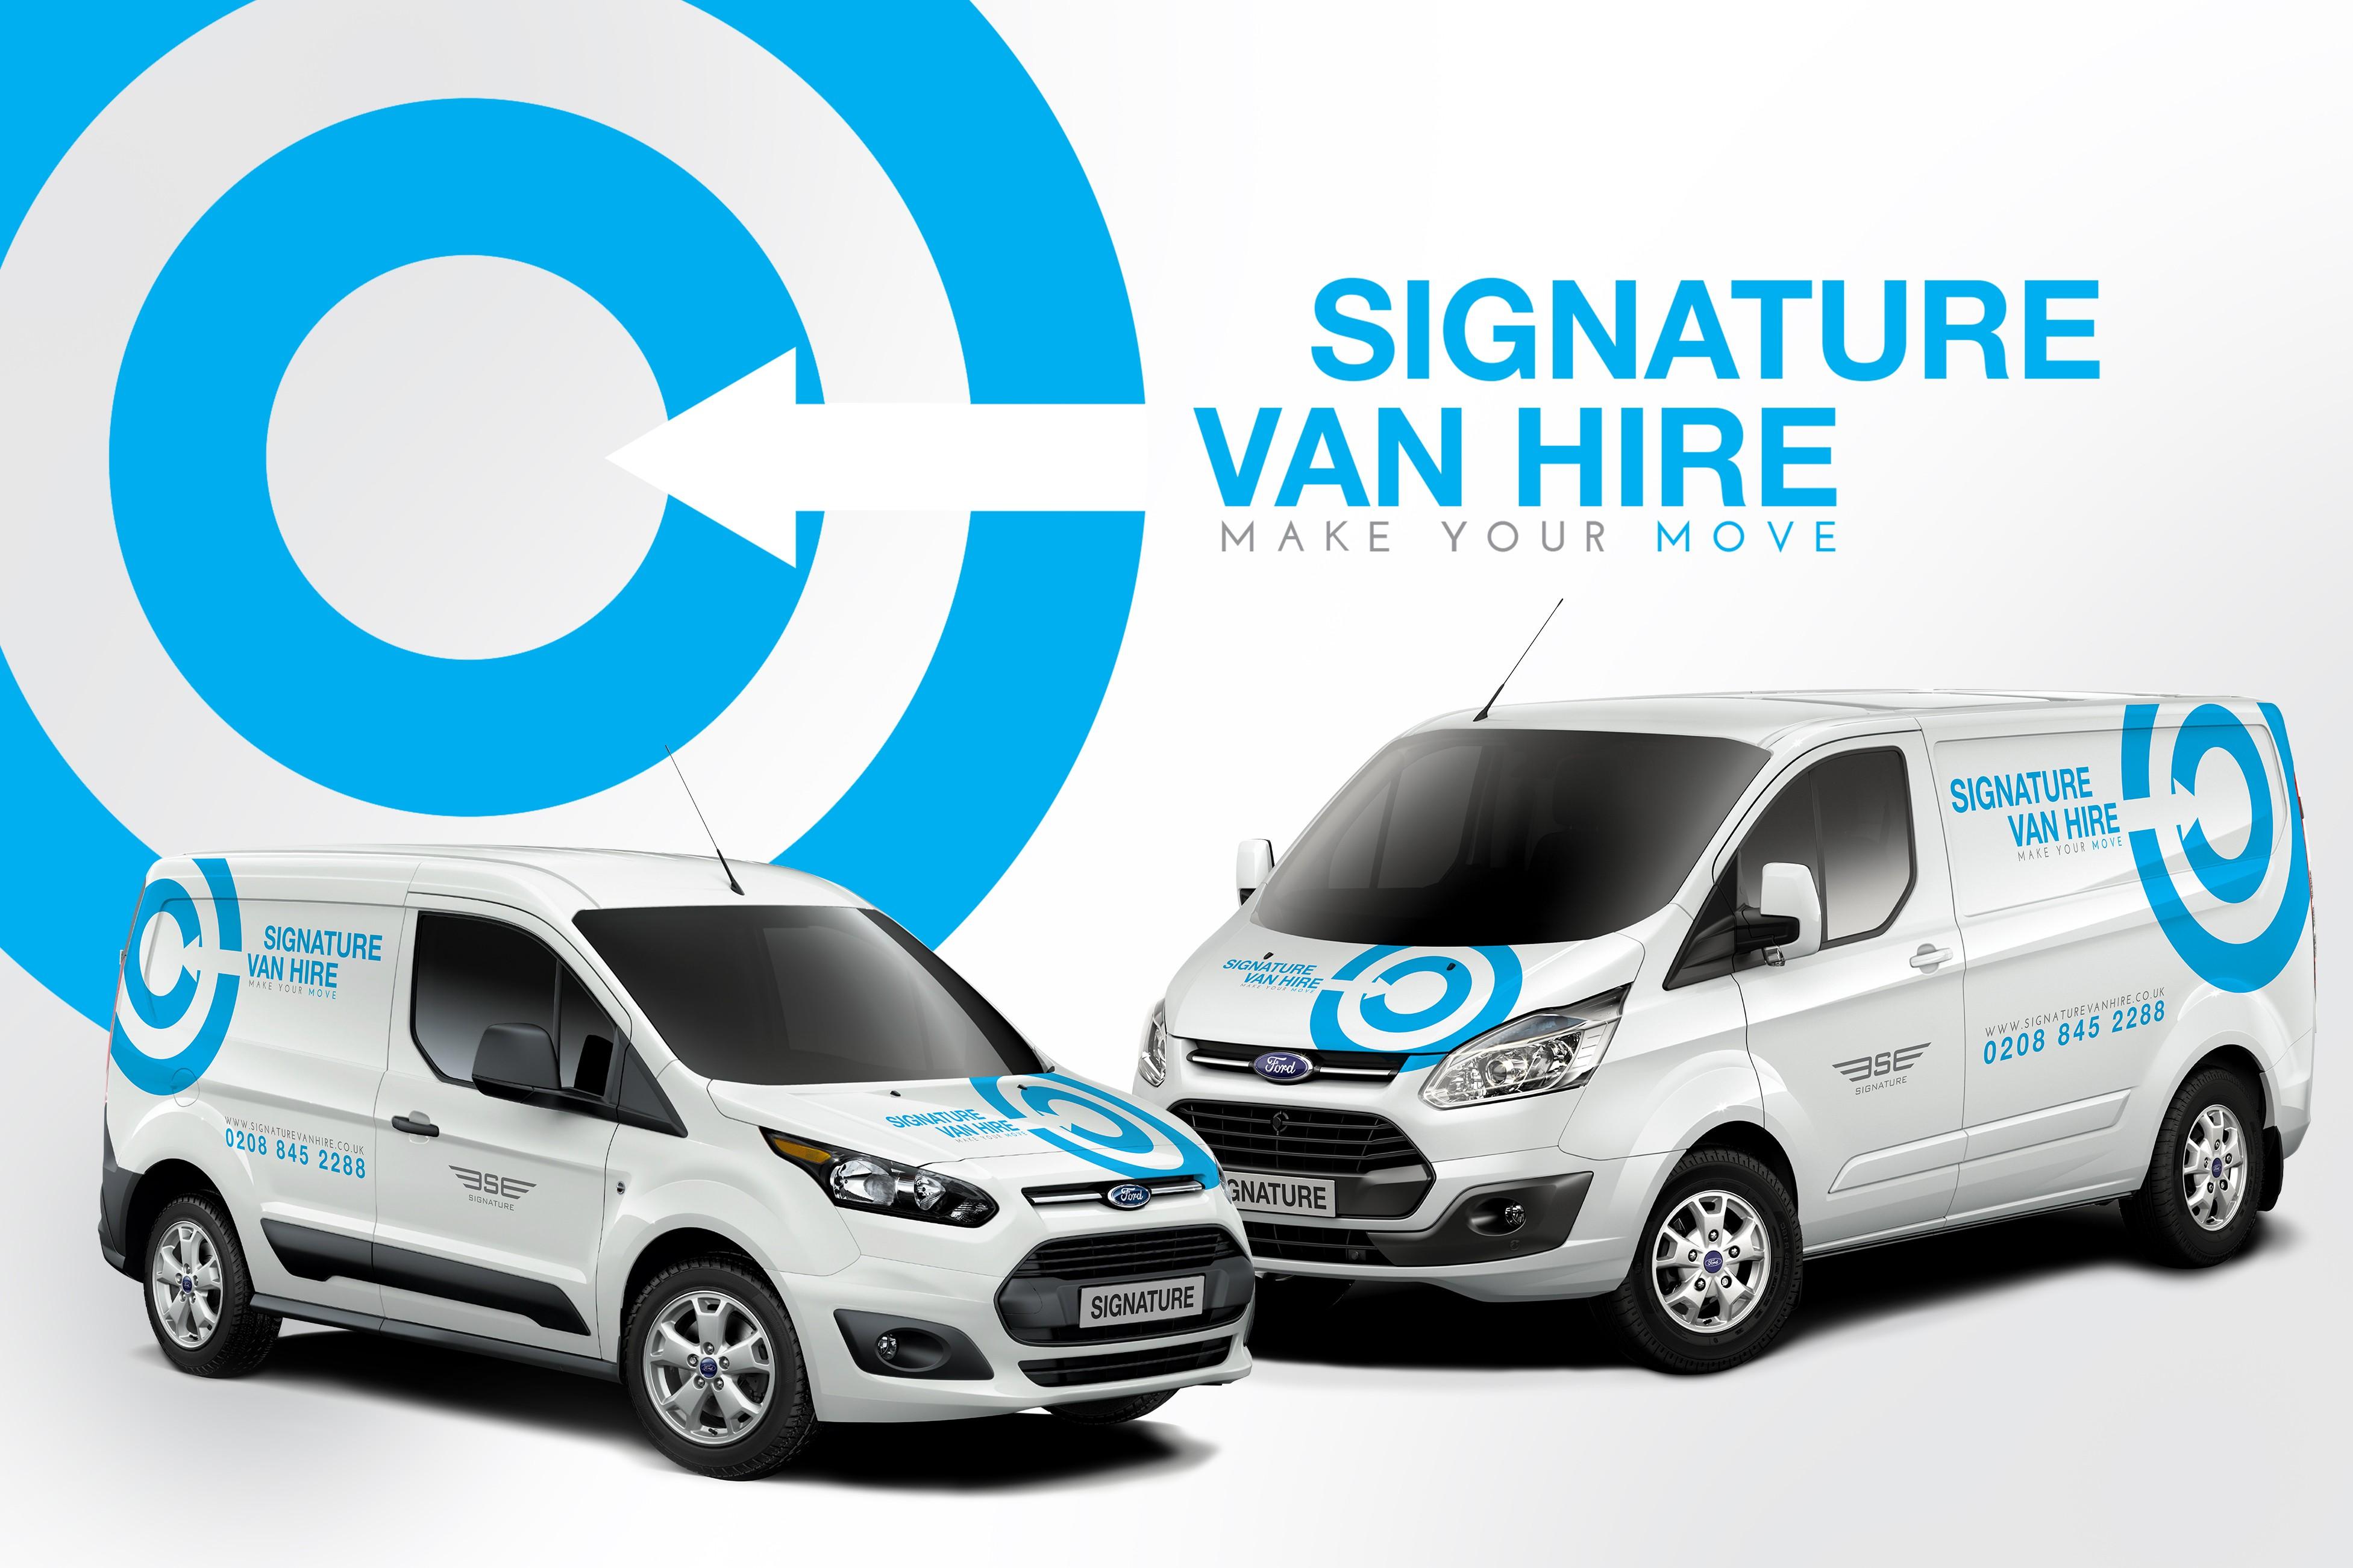 Introducing Signature Van hire